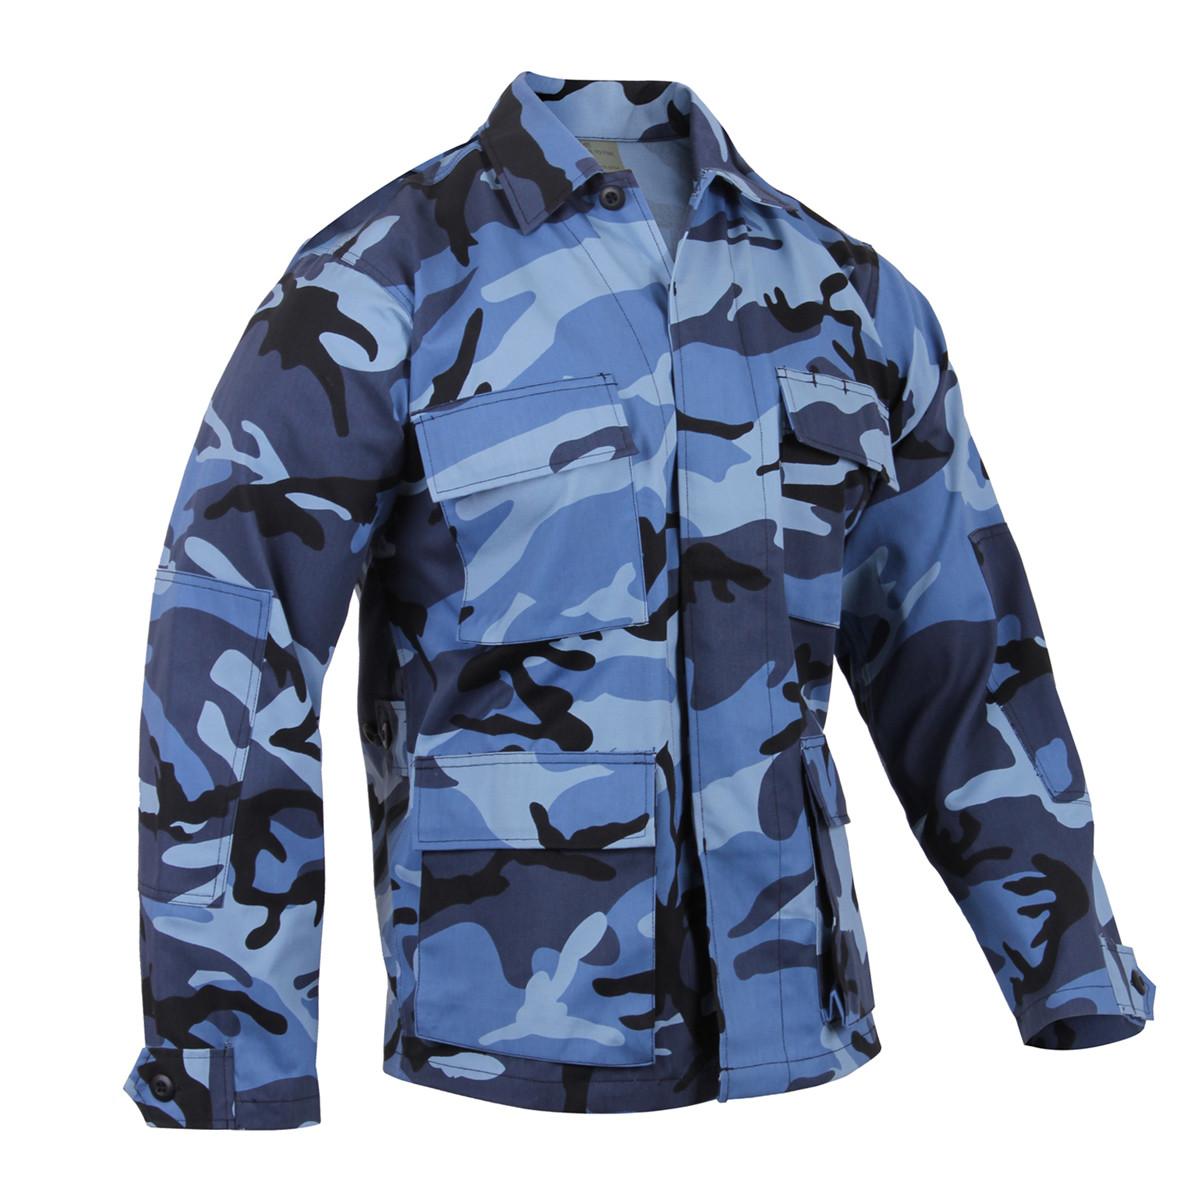 f886849f763ba Shop Sky Blue Camo Color BDU Jackets - Fatigues Army Navy Gear